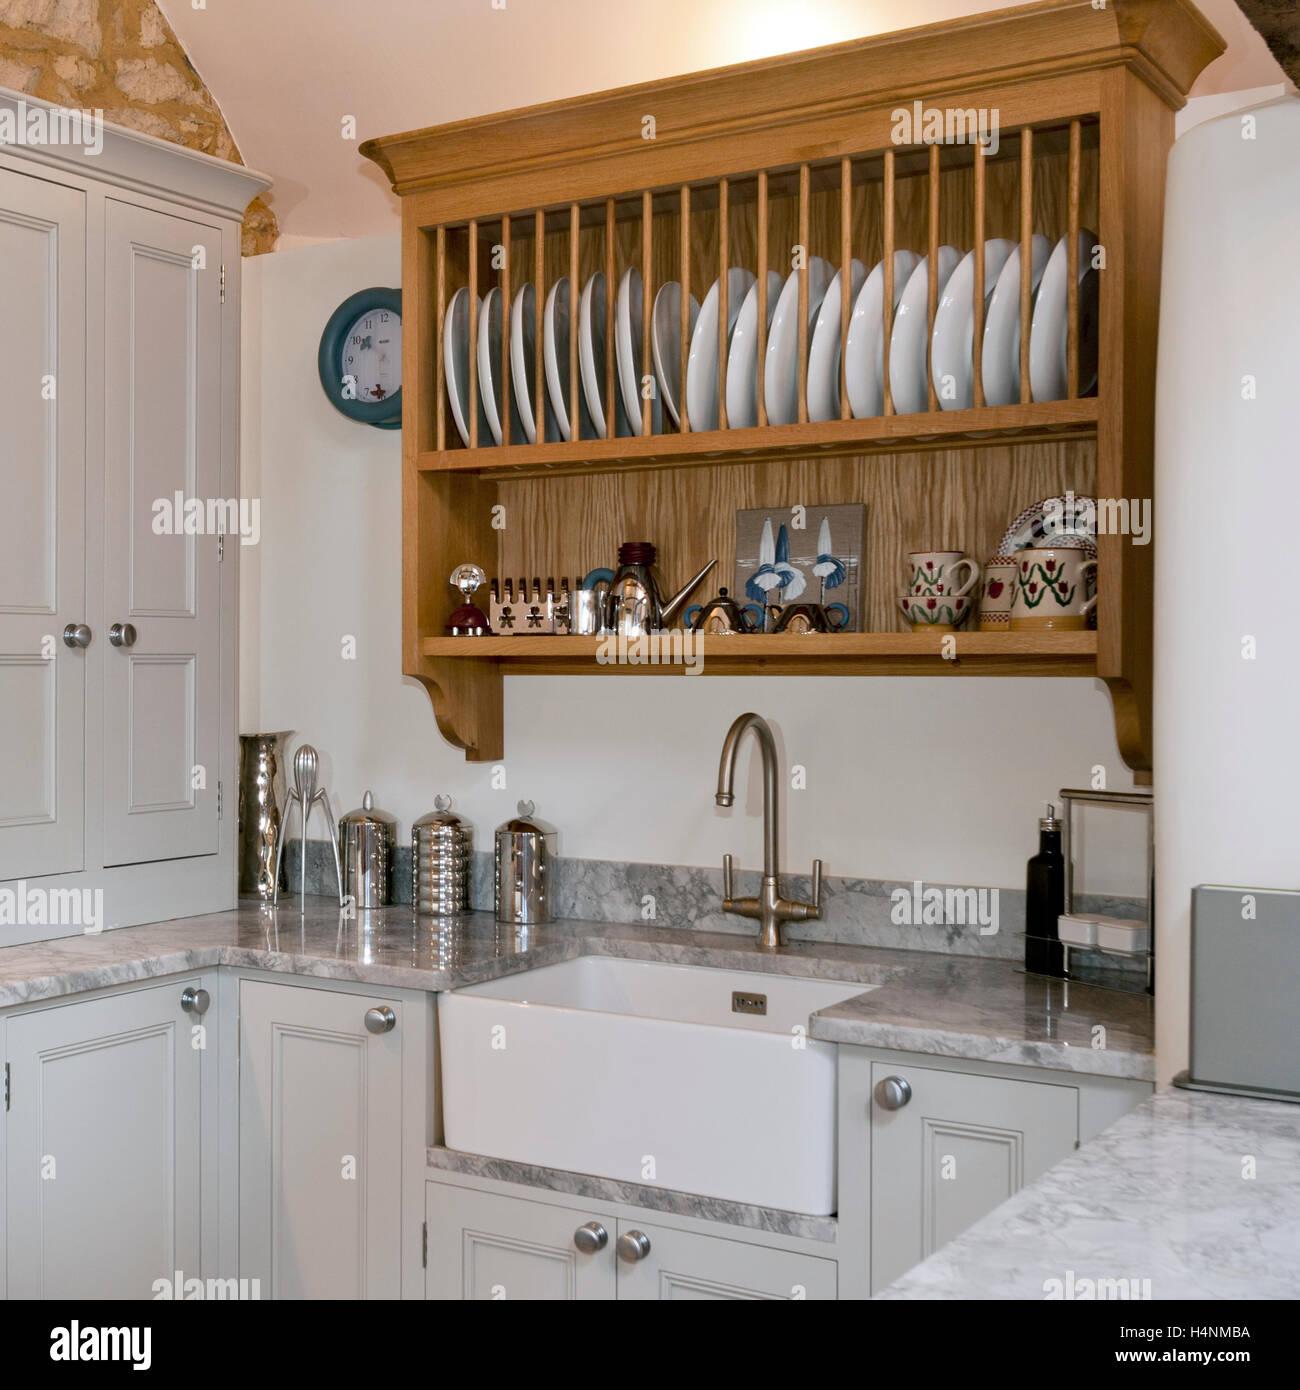 Lavello Cucina In Porcellana lavello in porcellana immagini e fotos stock - alamy